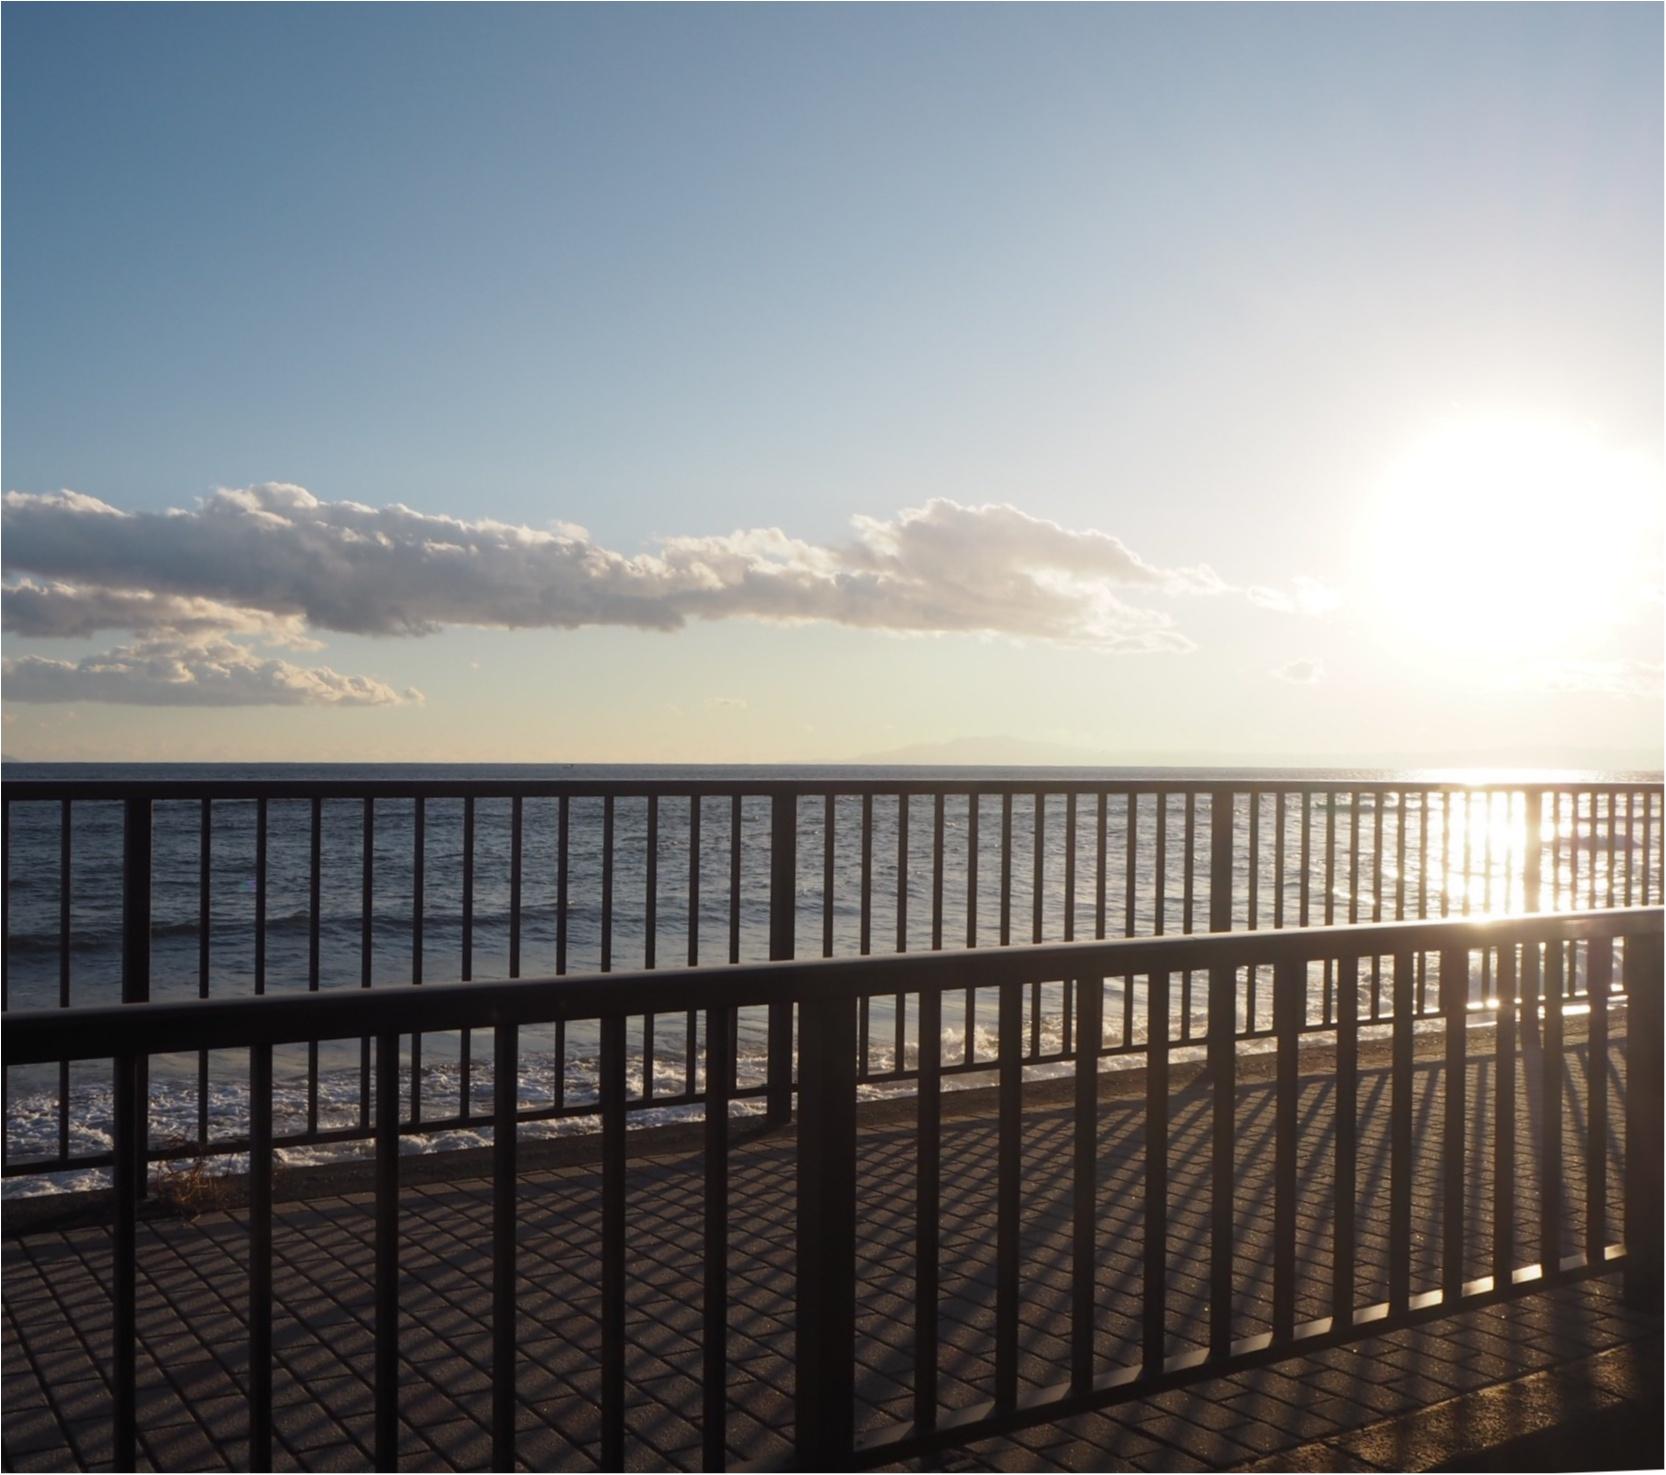 【アロハ☺︎気分はハワイ?】美味しいコーヒーと目の前に広がる七里ガ浜の海!贅沢な時間をぜひココで...❤︎_4_1